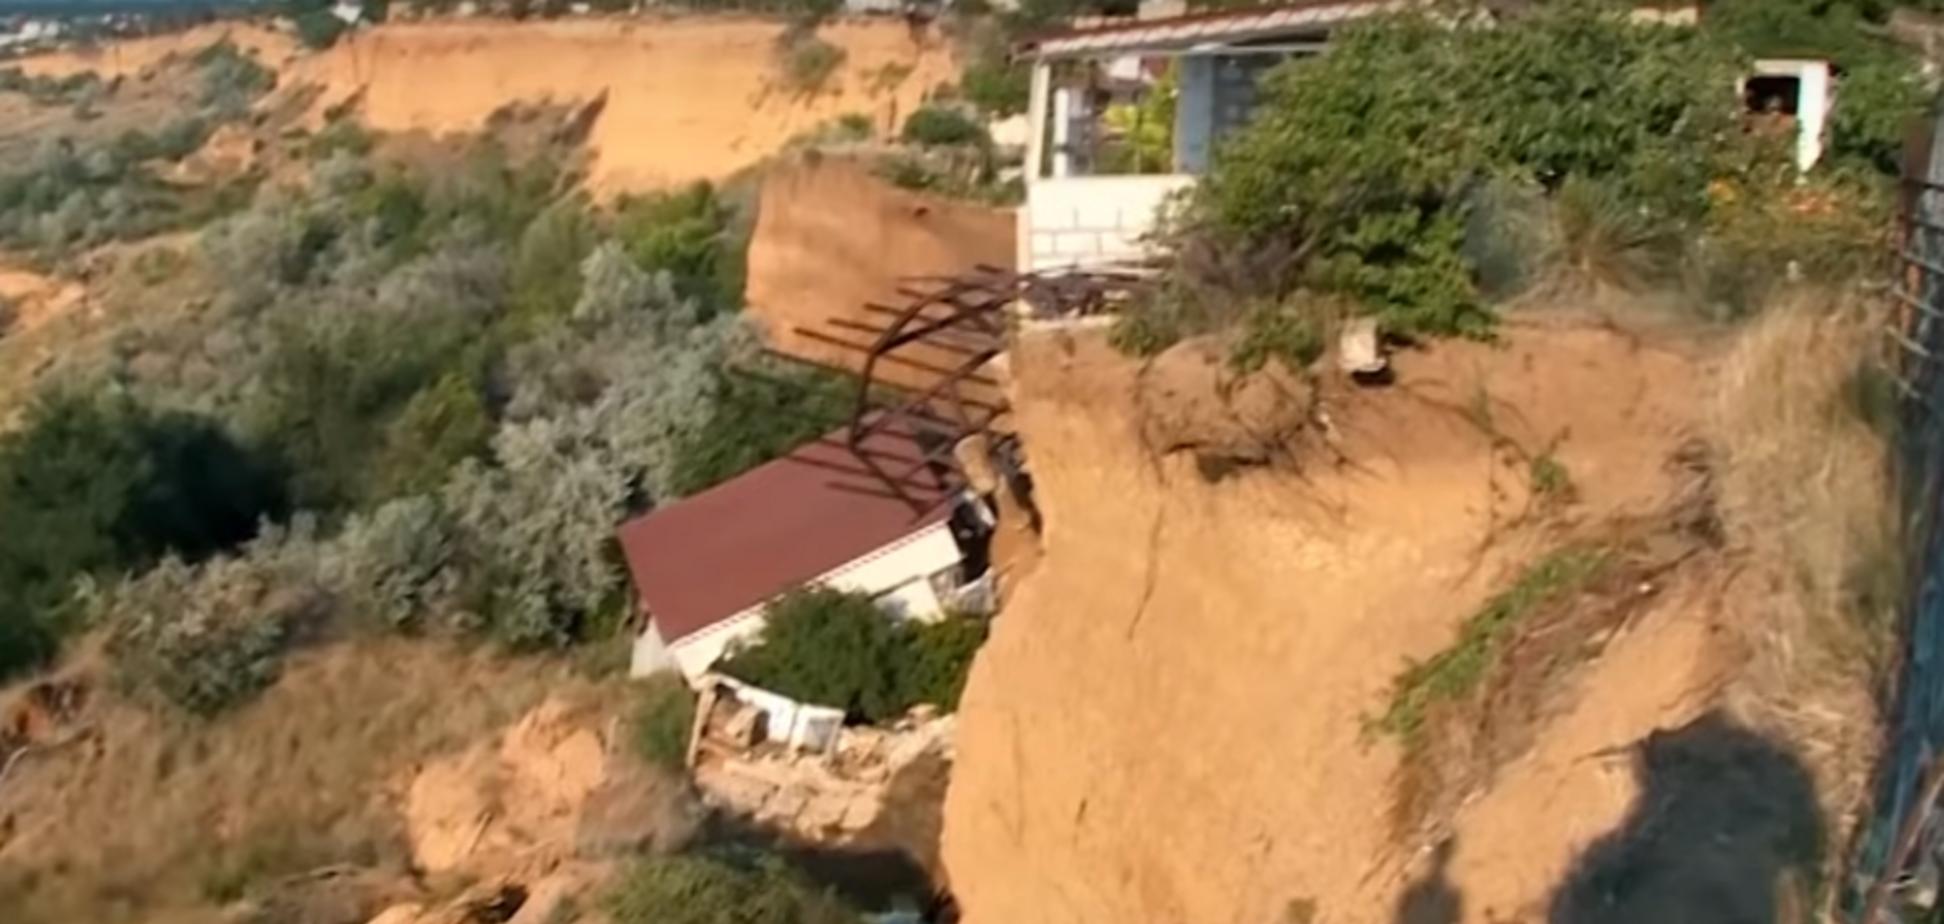 'Природа змиває л*йно': у Криму впав у море будинок москвички. Опубліковано відео